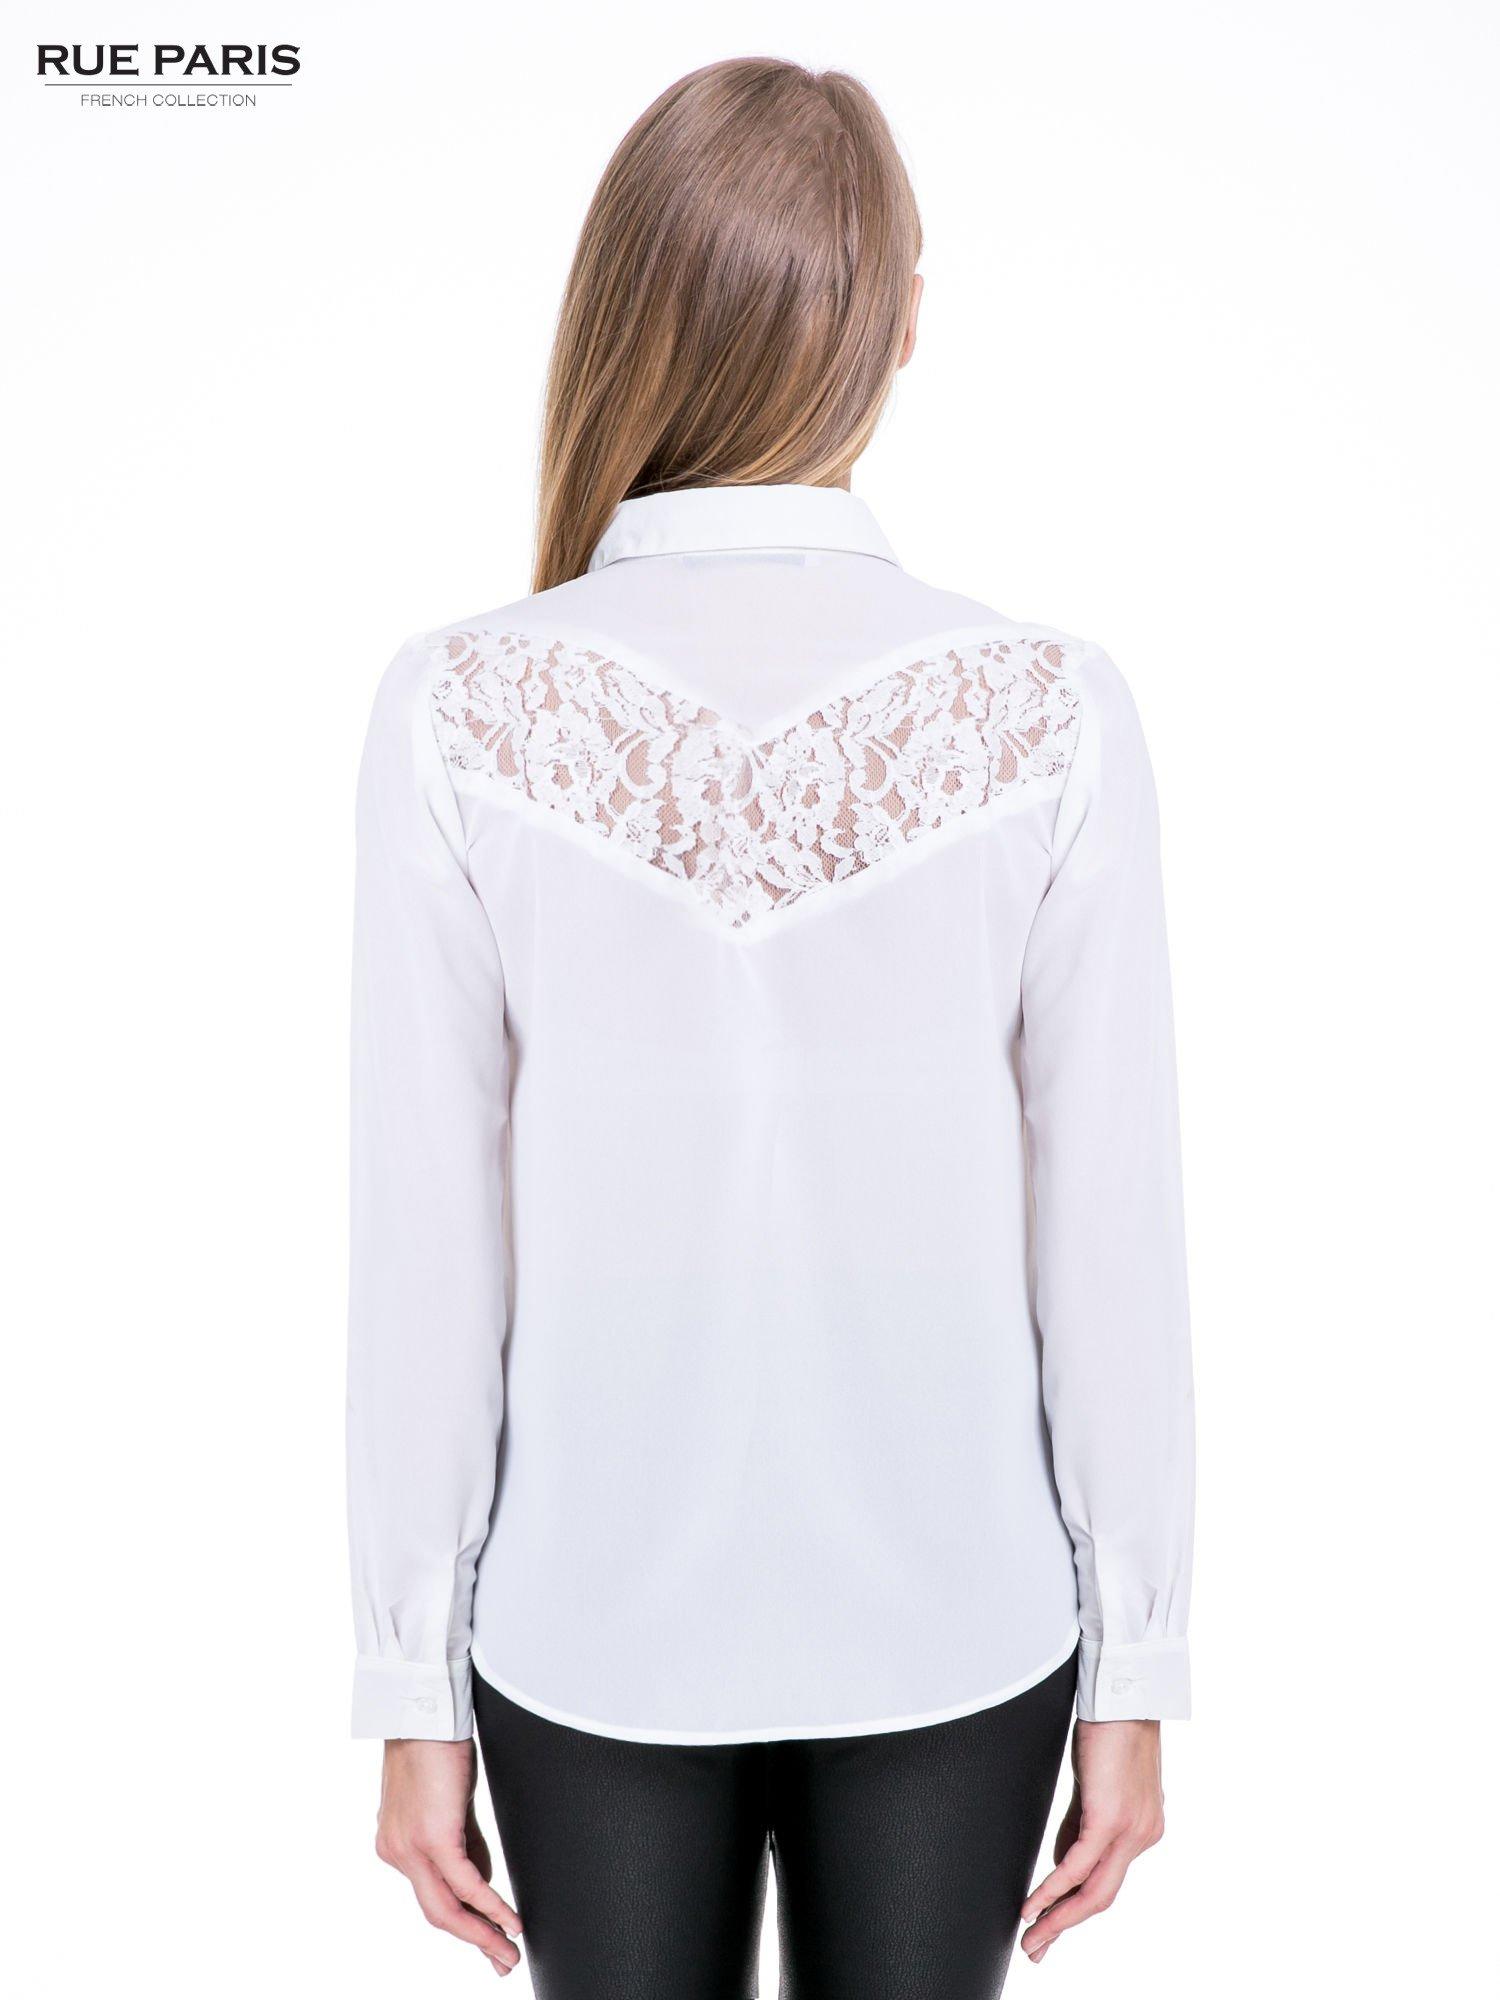 Biała koszula z koronkową wstawką na górze                                  zdj.                                  2